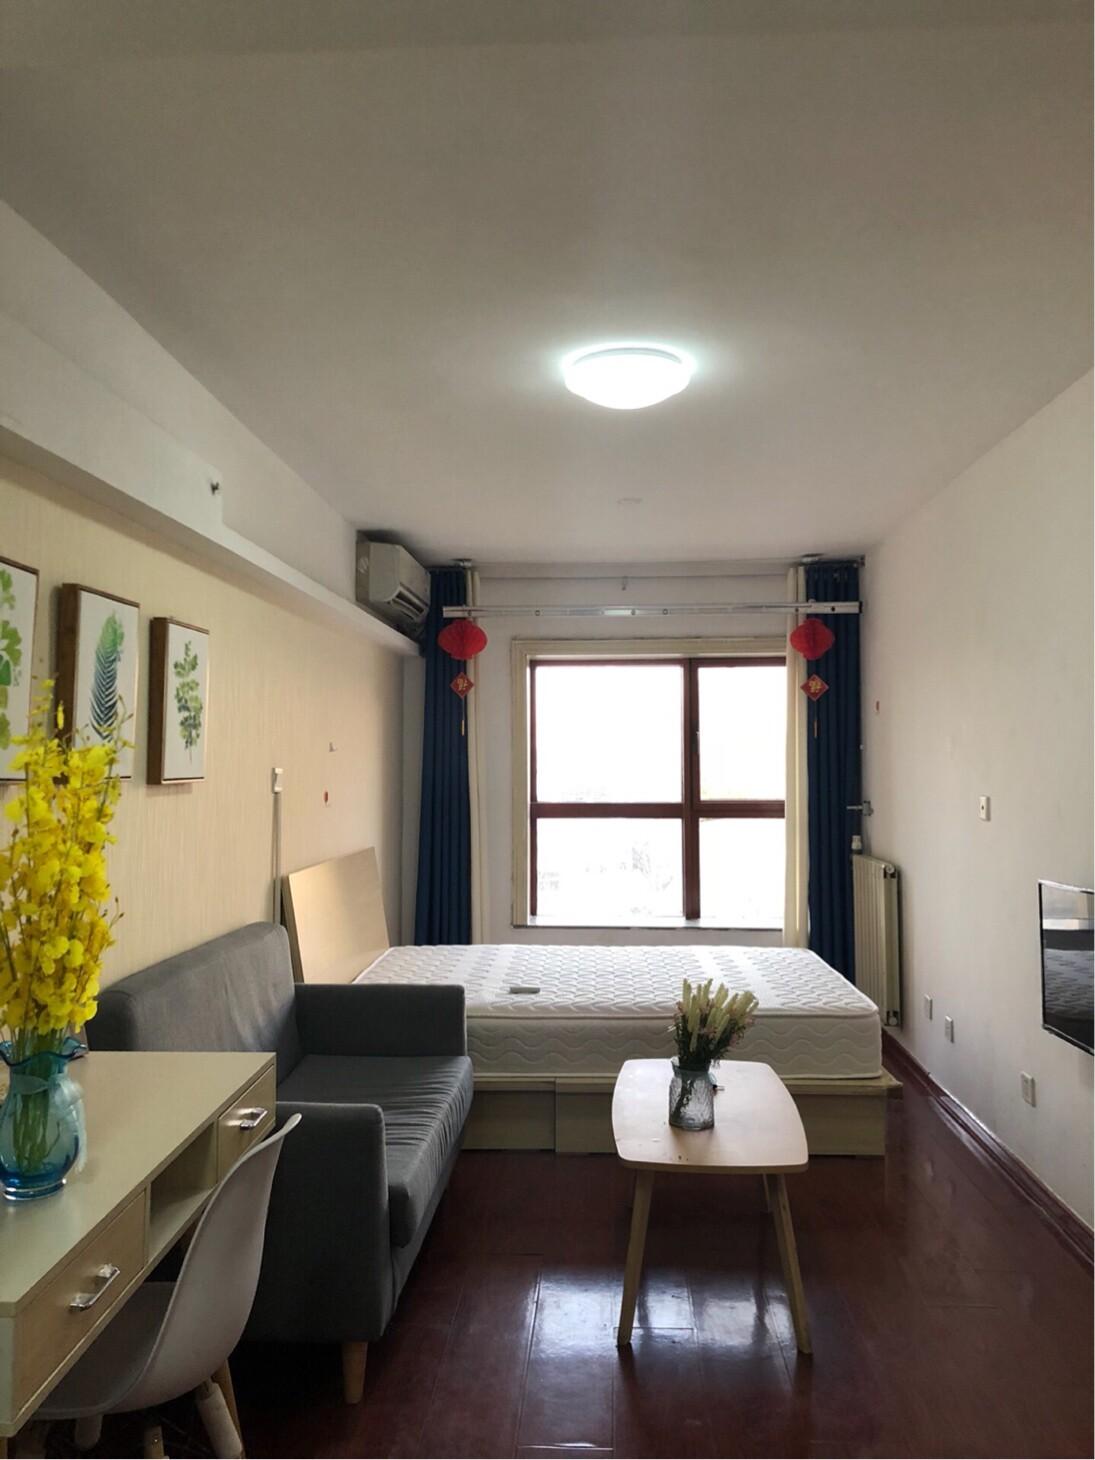 诚基中心精装公寓年底超低价出租速来抢购!